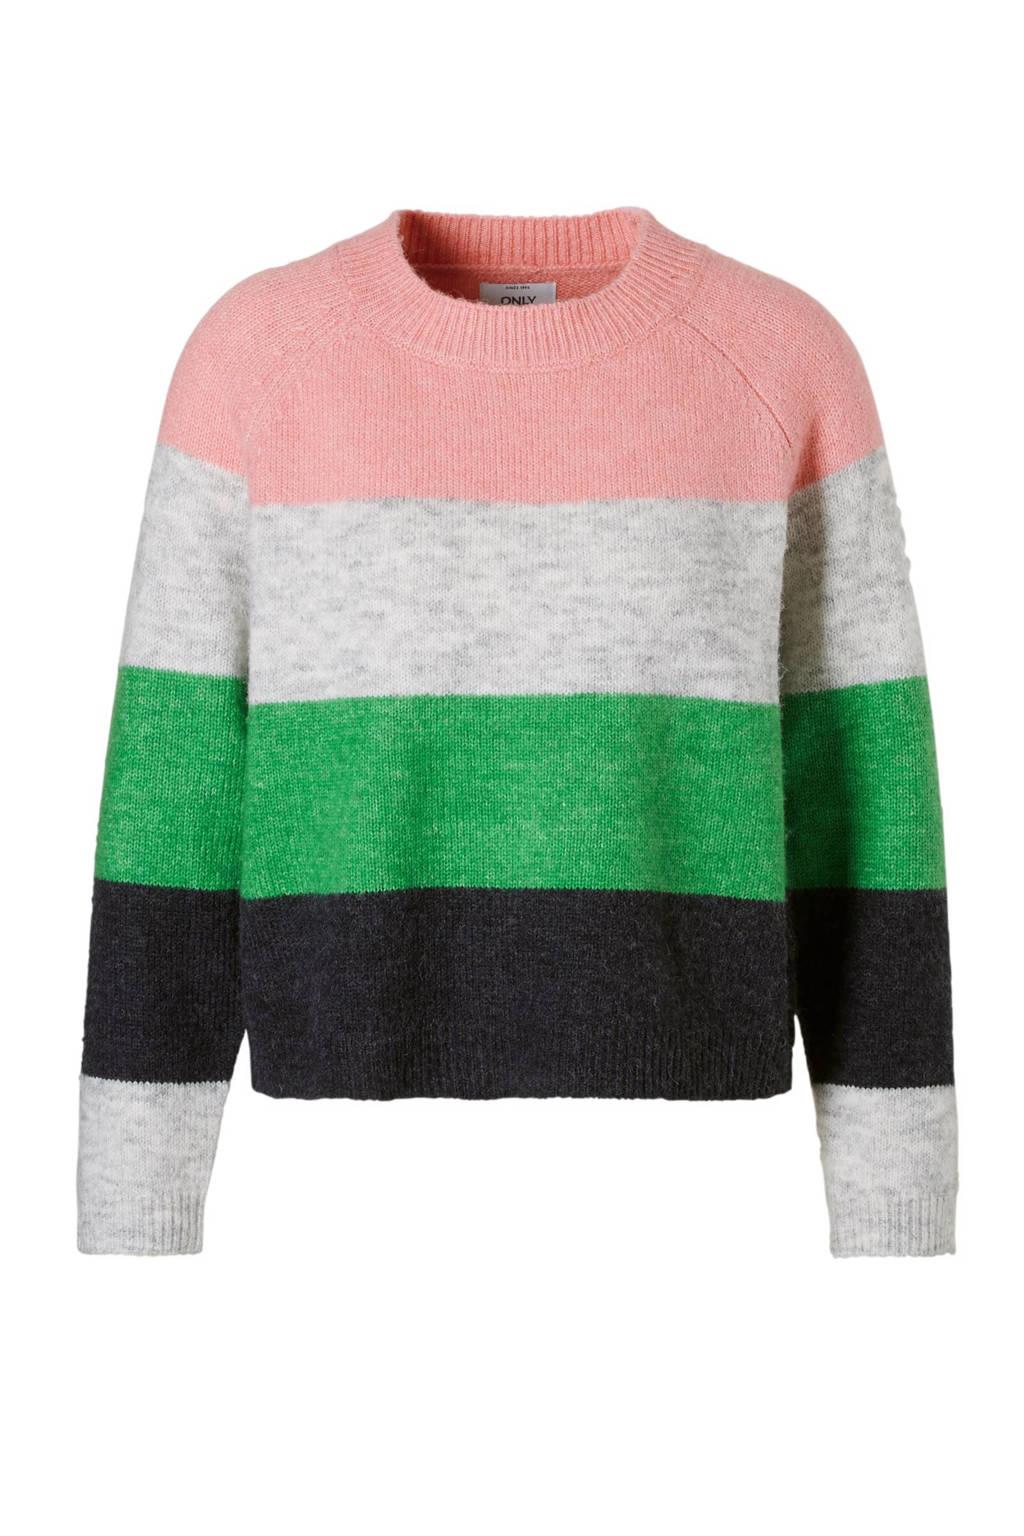 ONLY trui met strepen, Grijs/roze/groen/donkerblauw